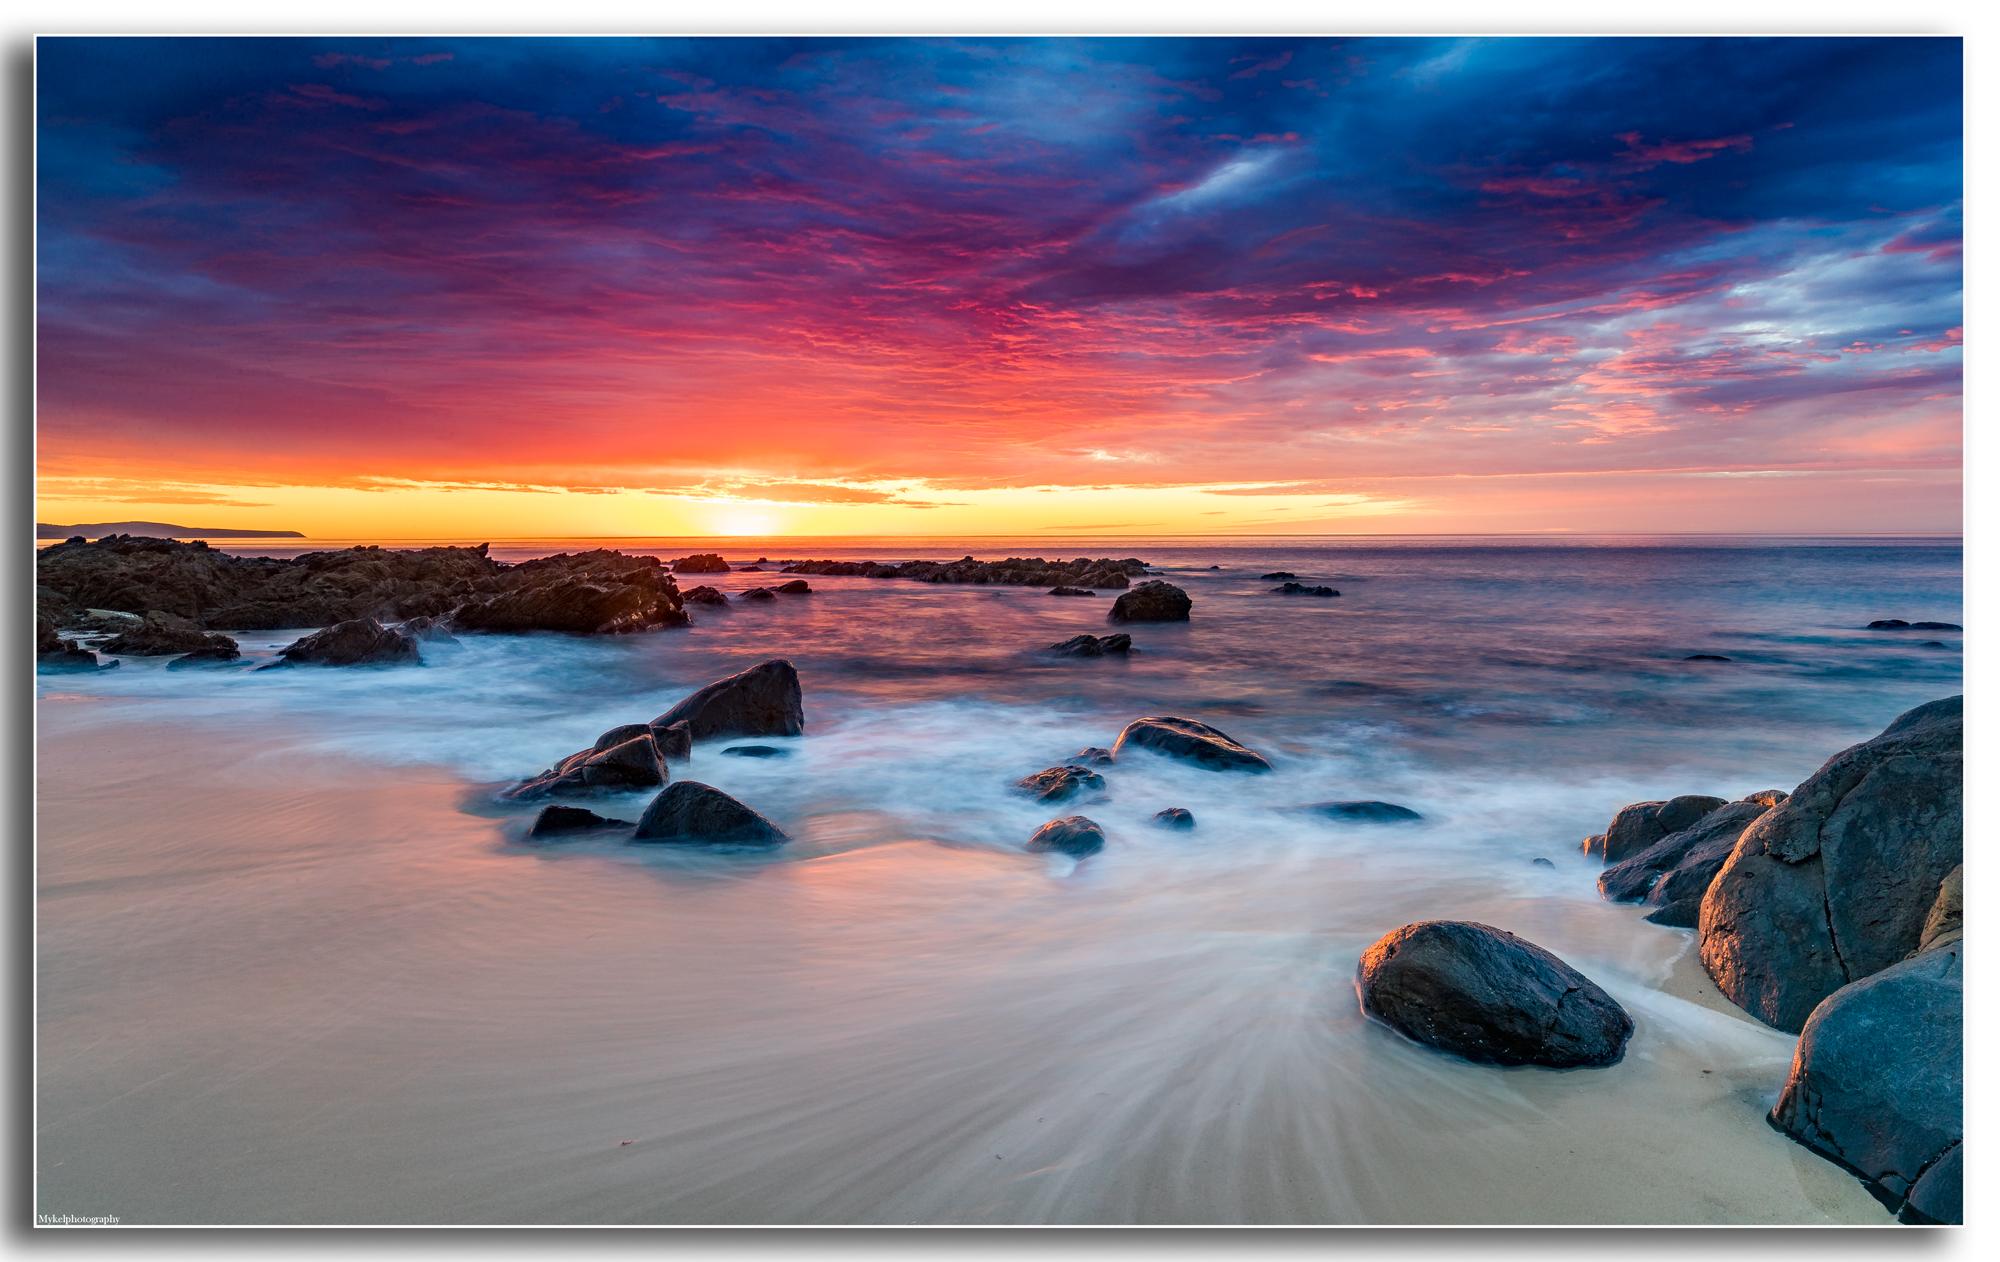 Carrickalinga beach sunset